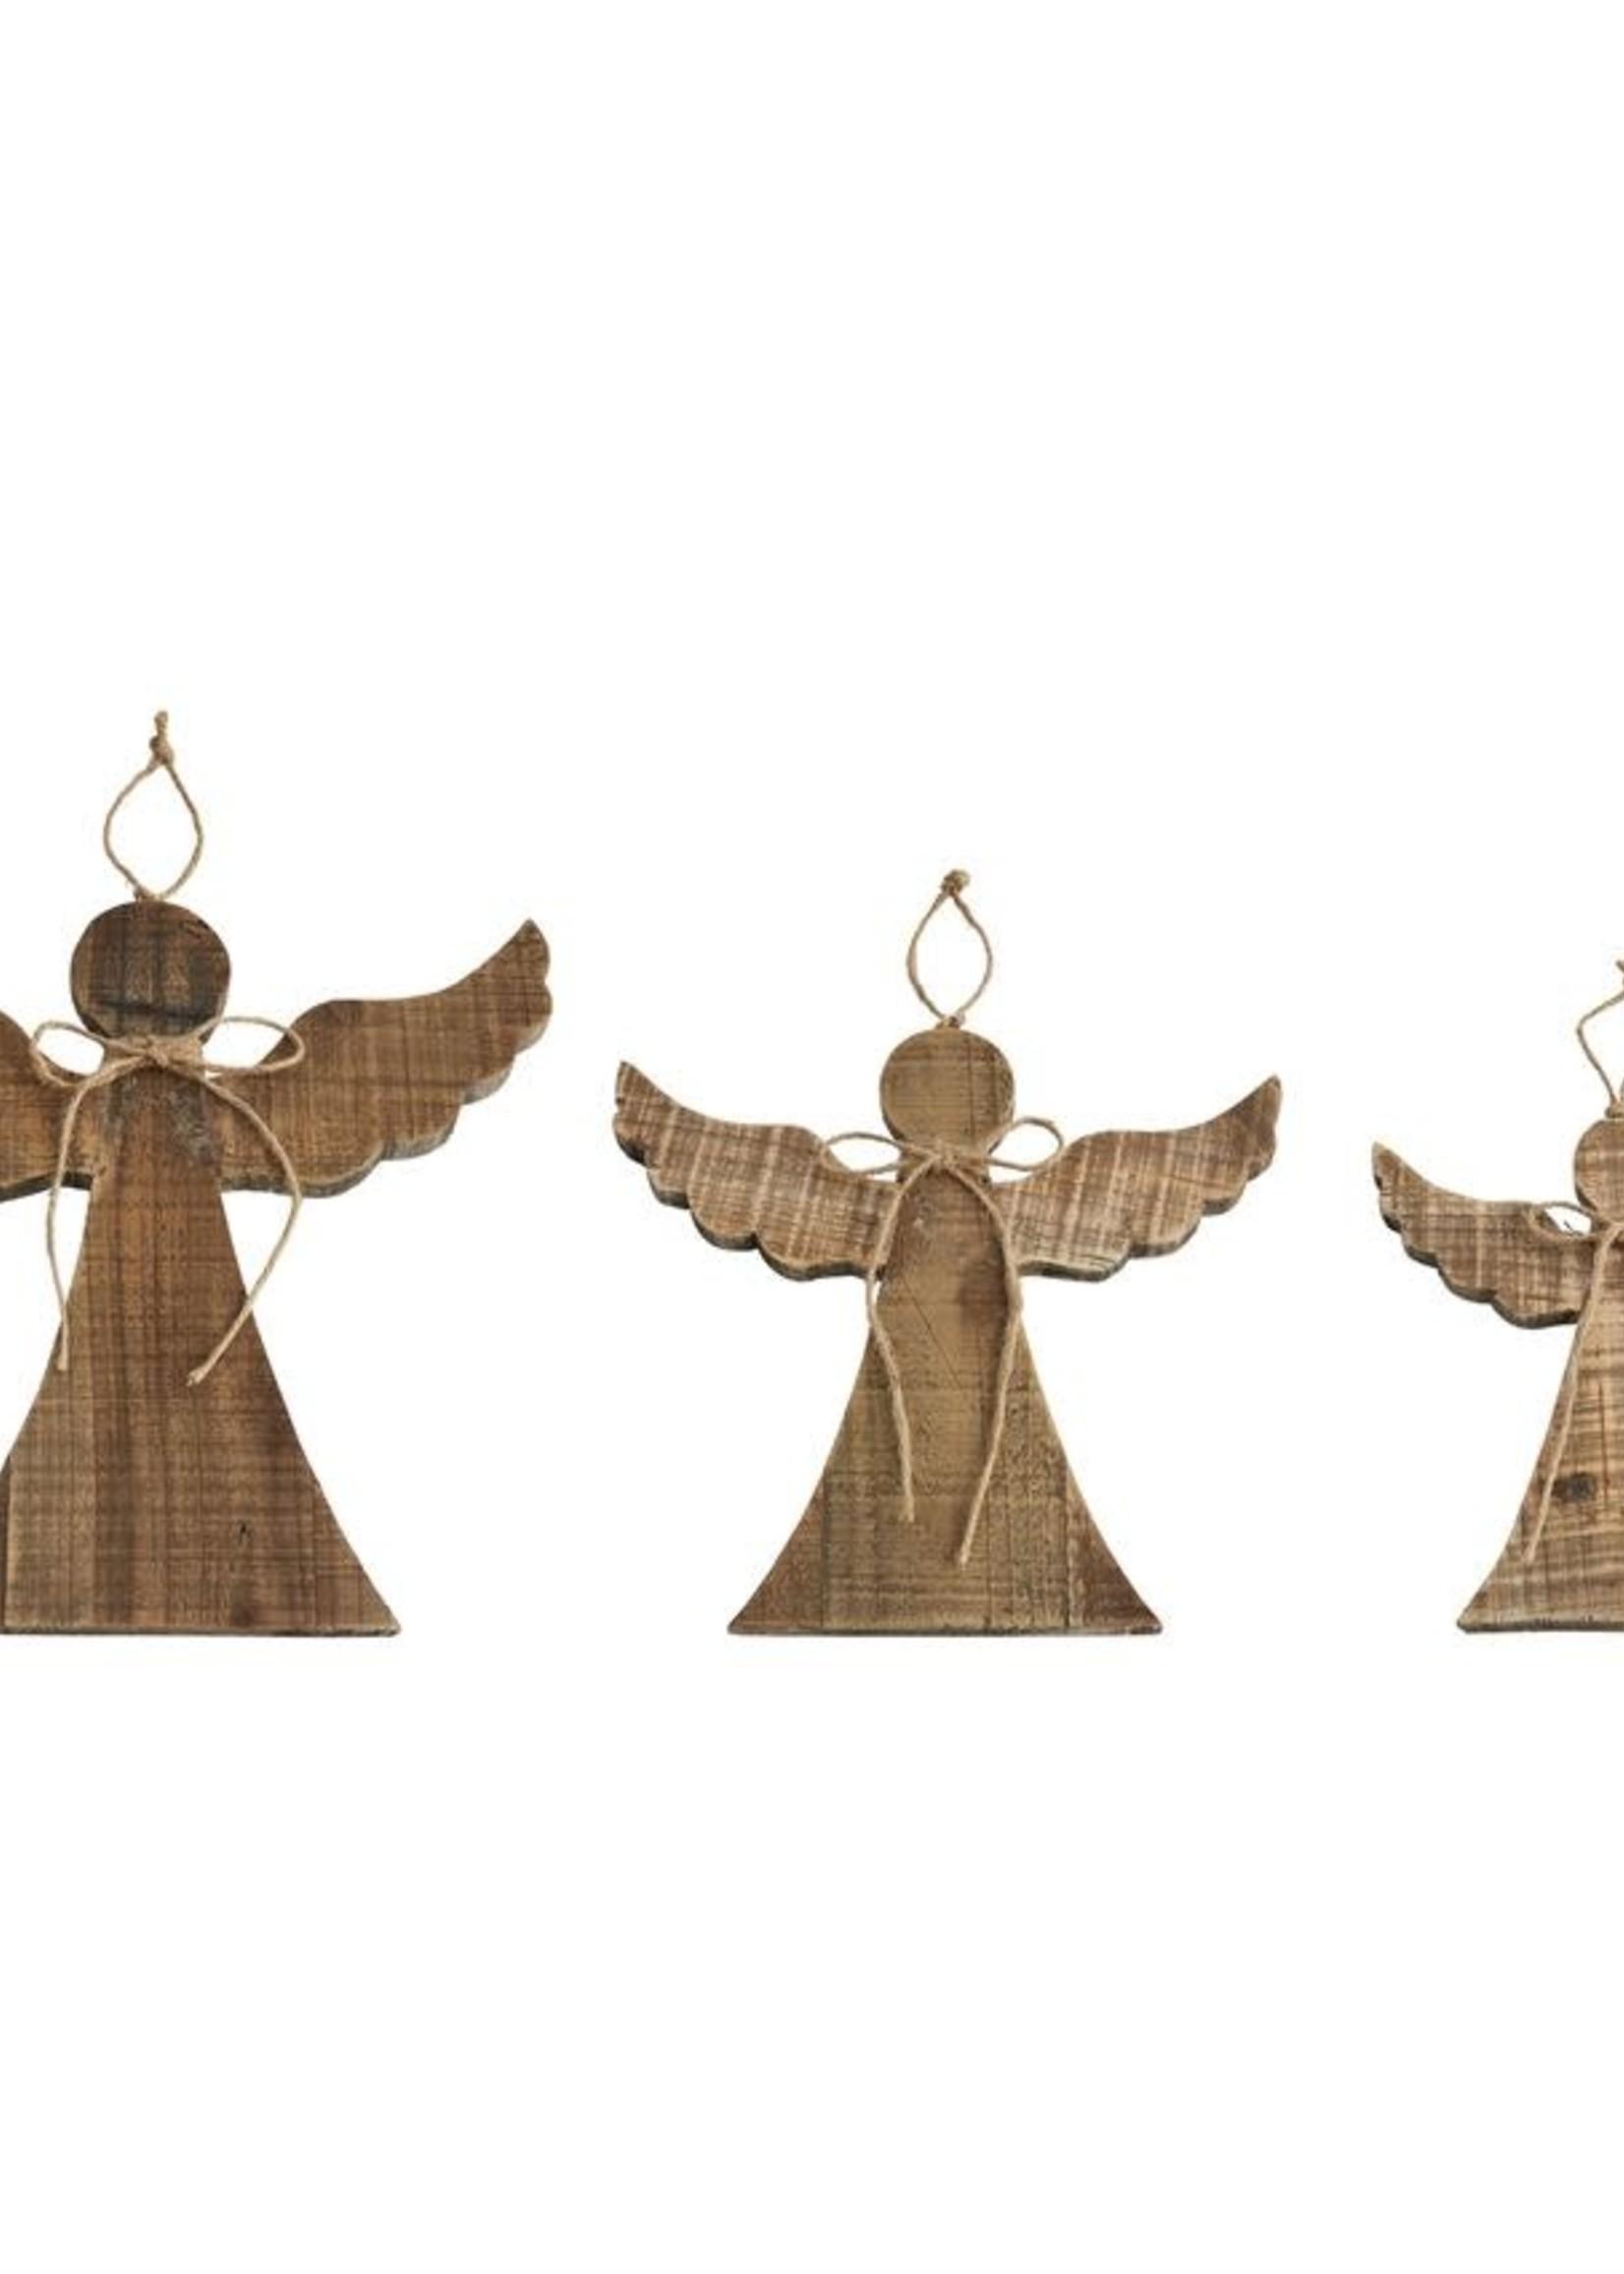 LG ANGEL WOOD ORNAMENT HANGER